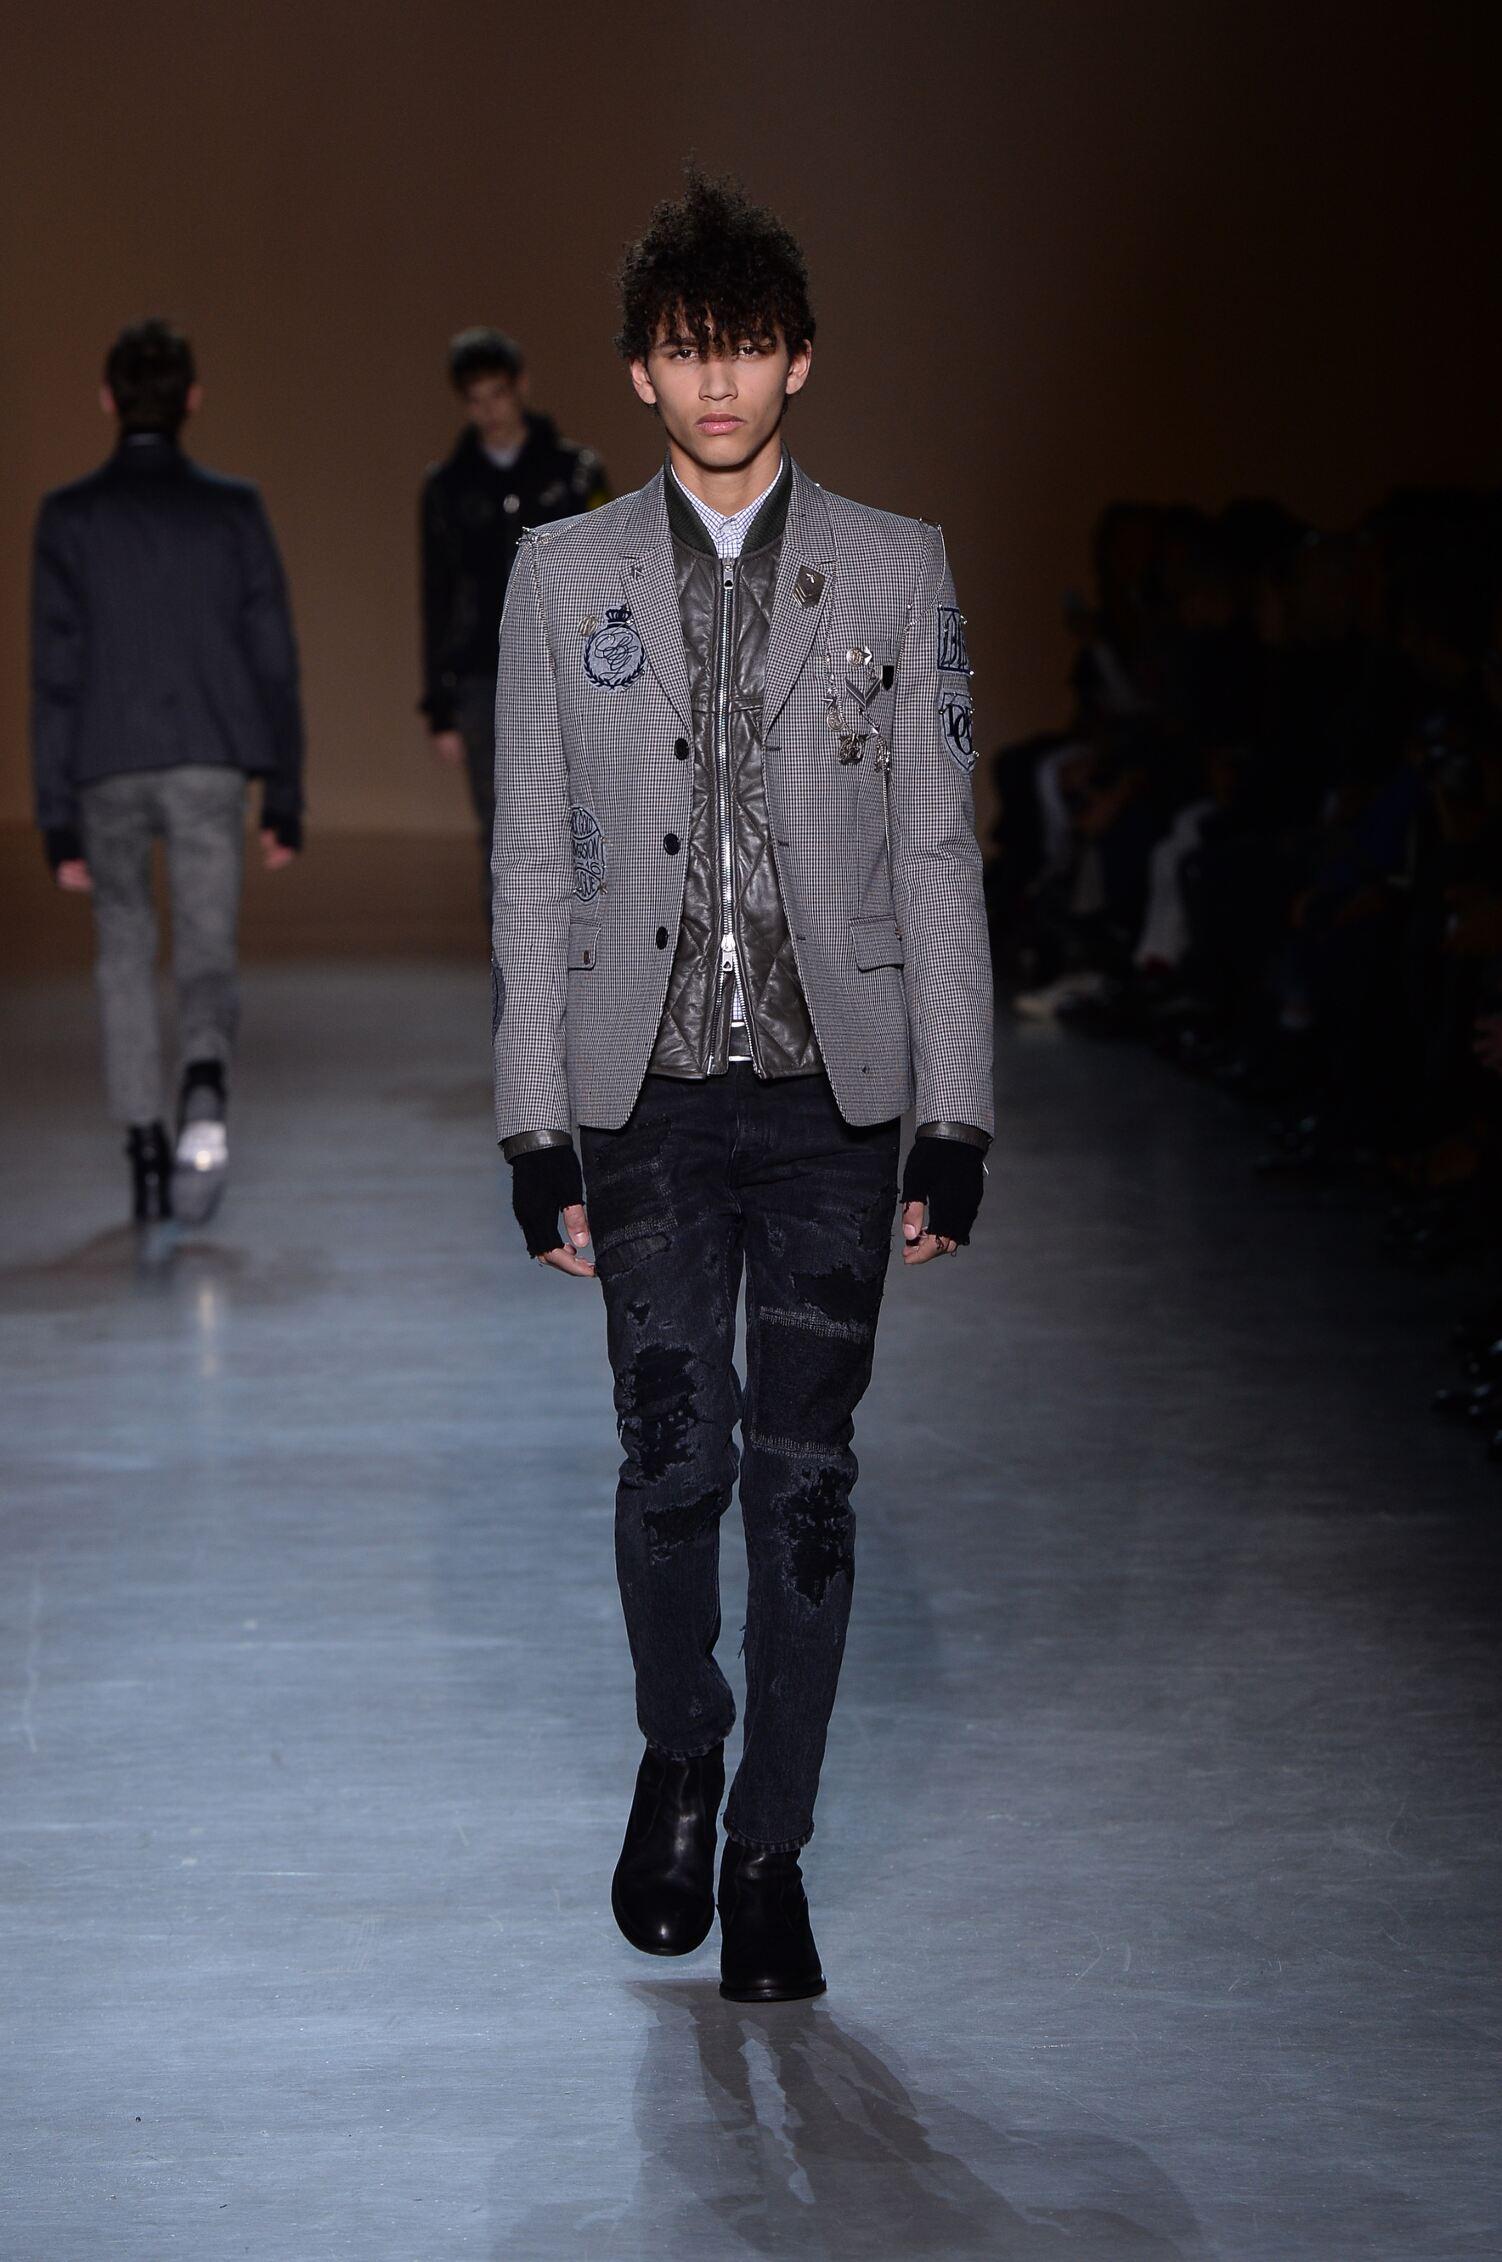 Runway Diesel Black Gold Fall Winter 2015 16 Men's Collection Milan Fashion Week